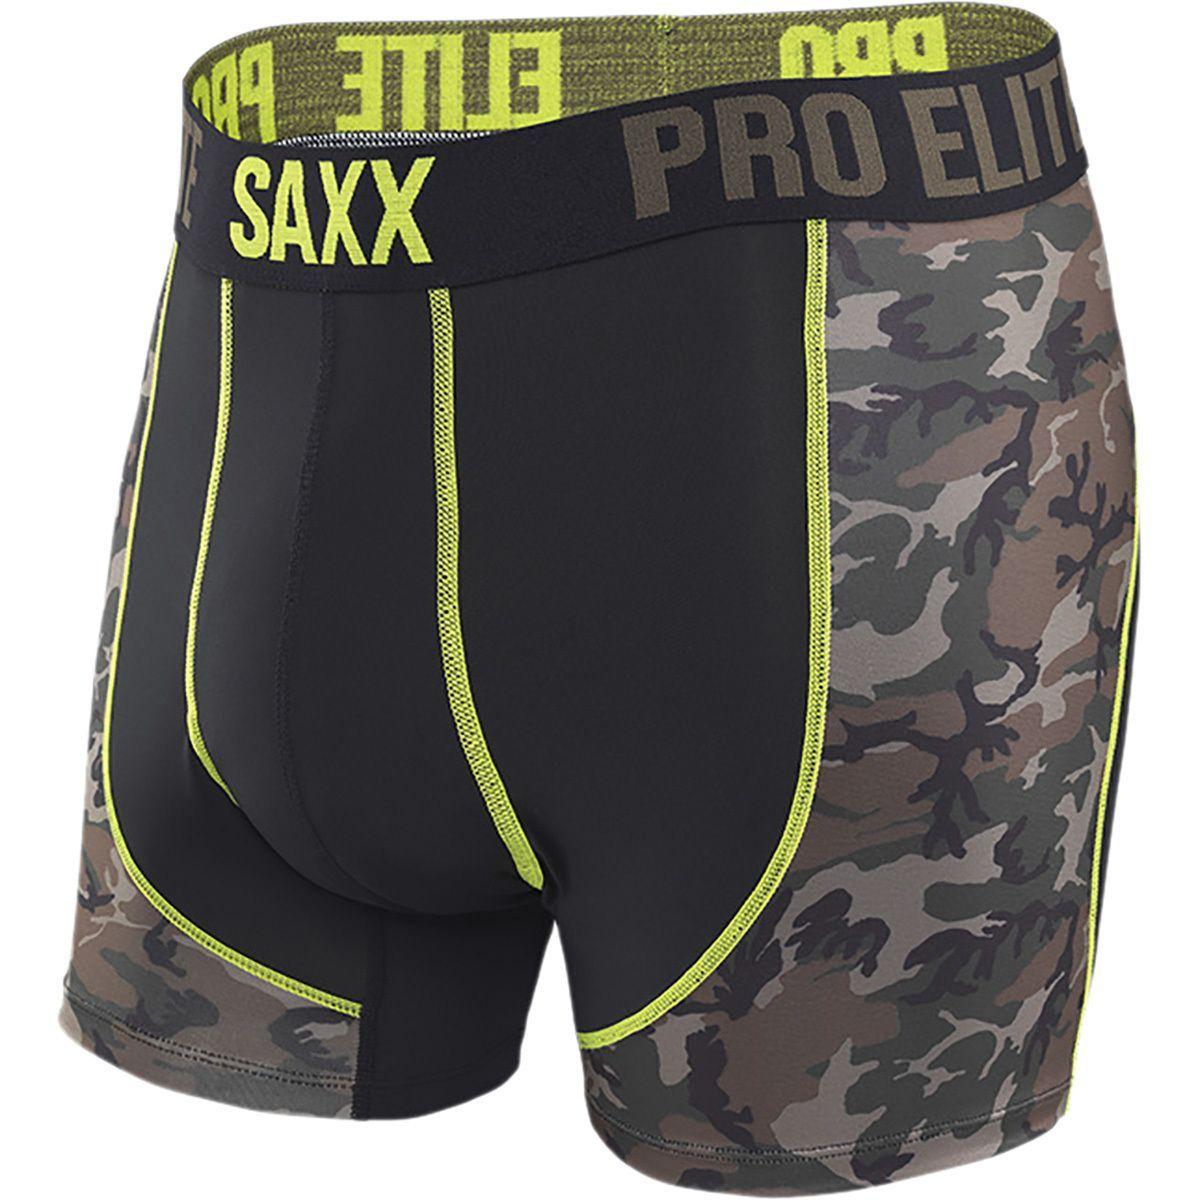 Saxx Underwear Mens Pro Elite 2.0 Boxer Modern Fit